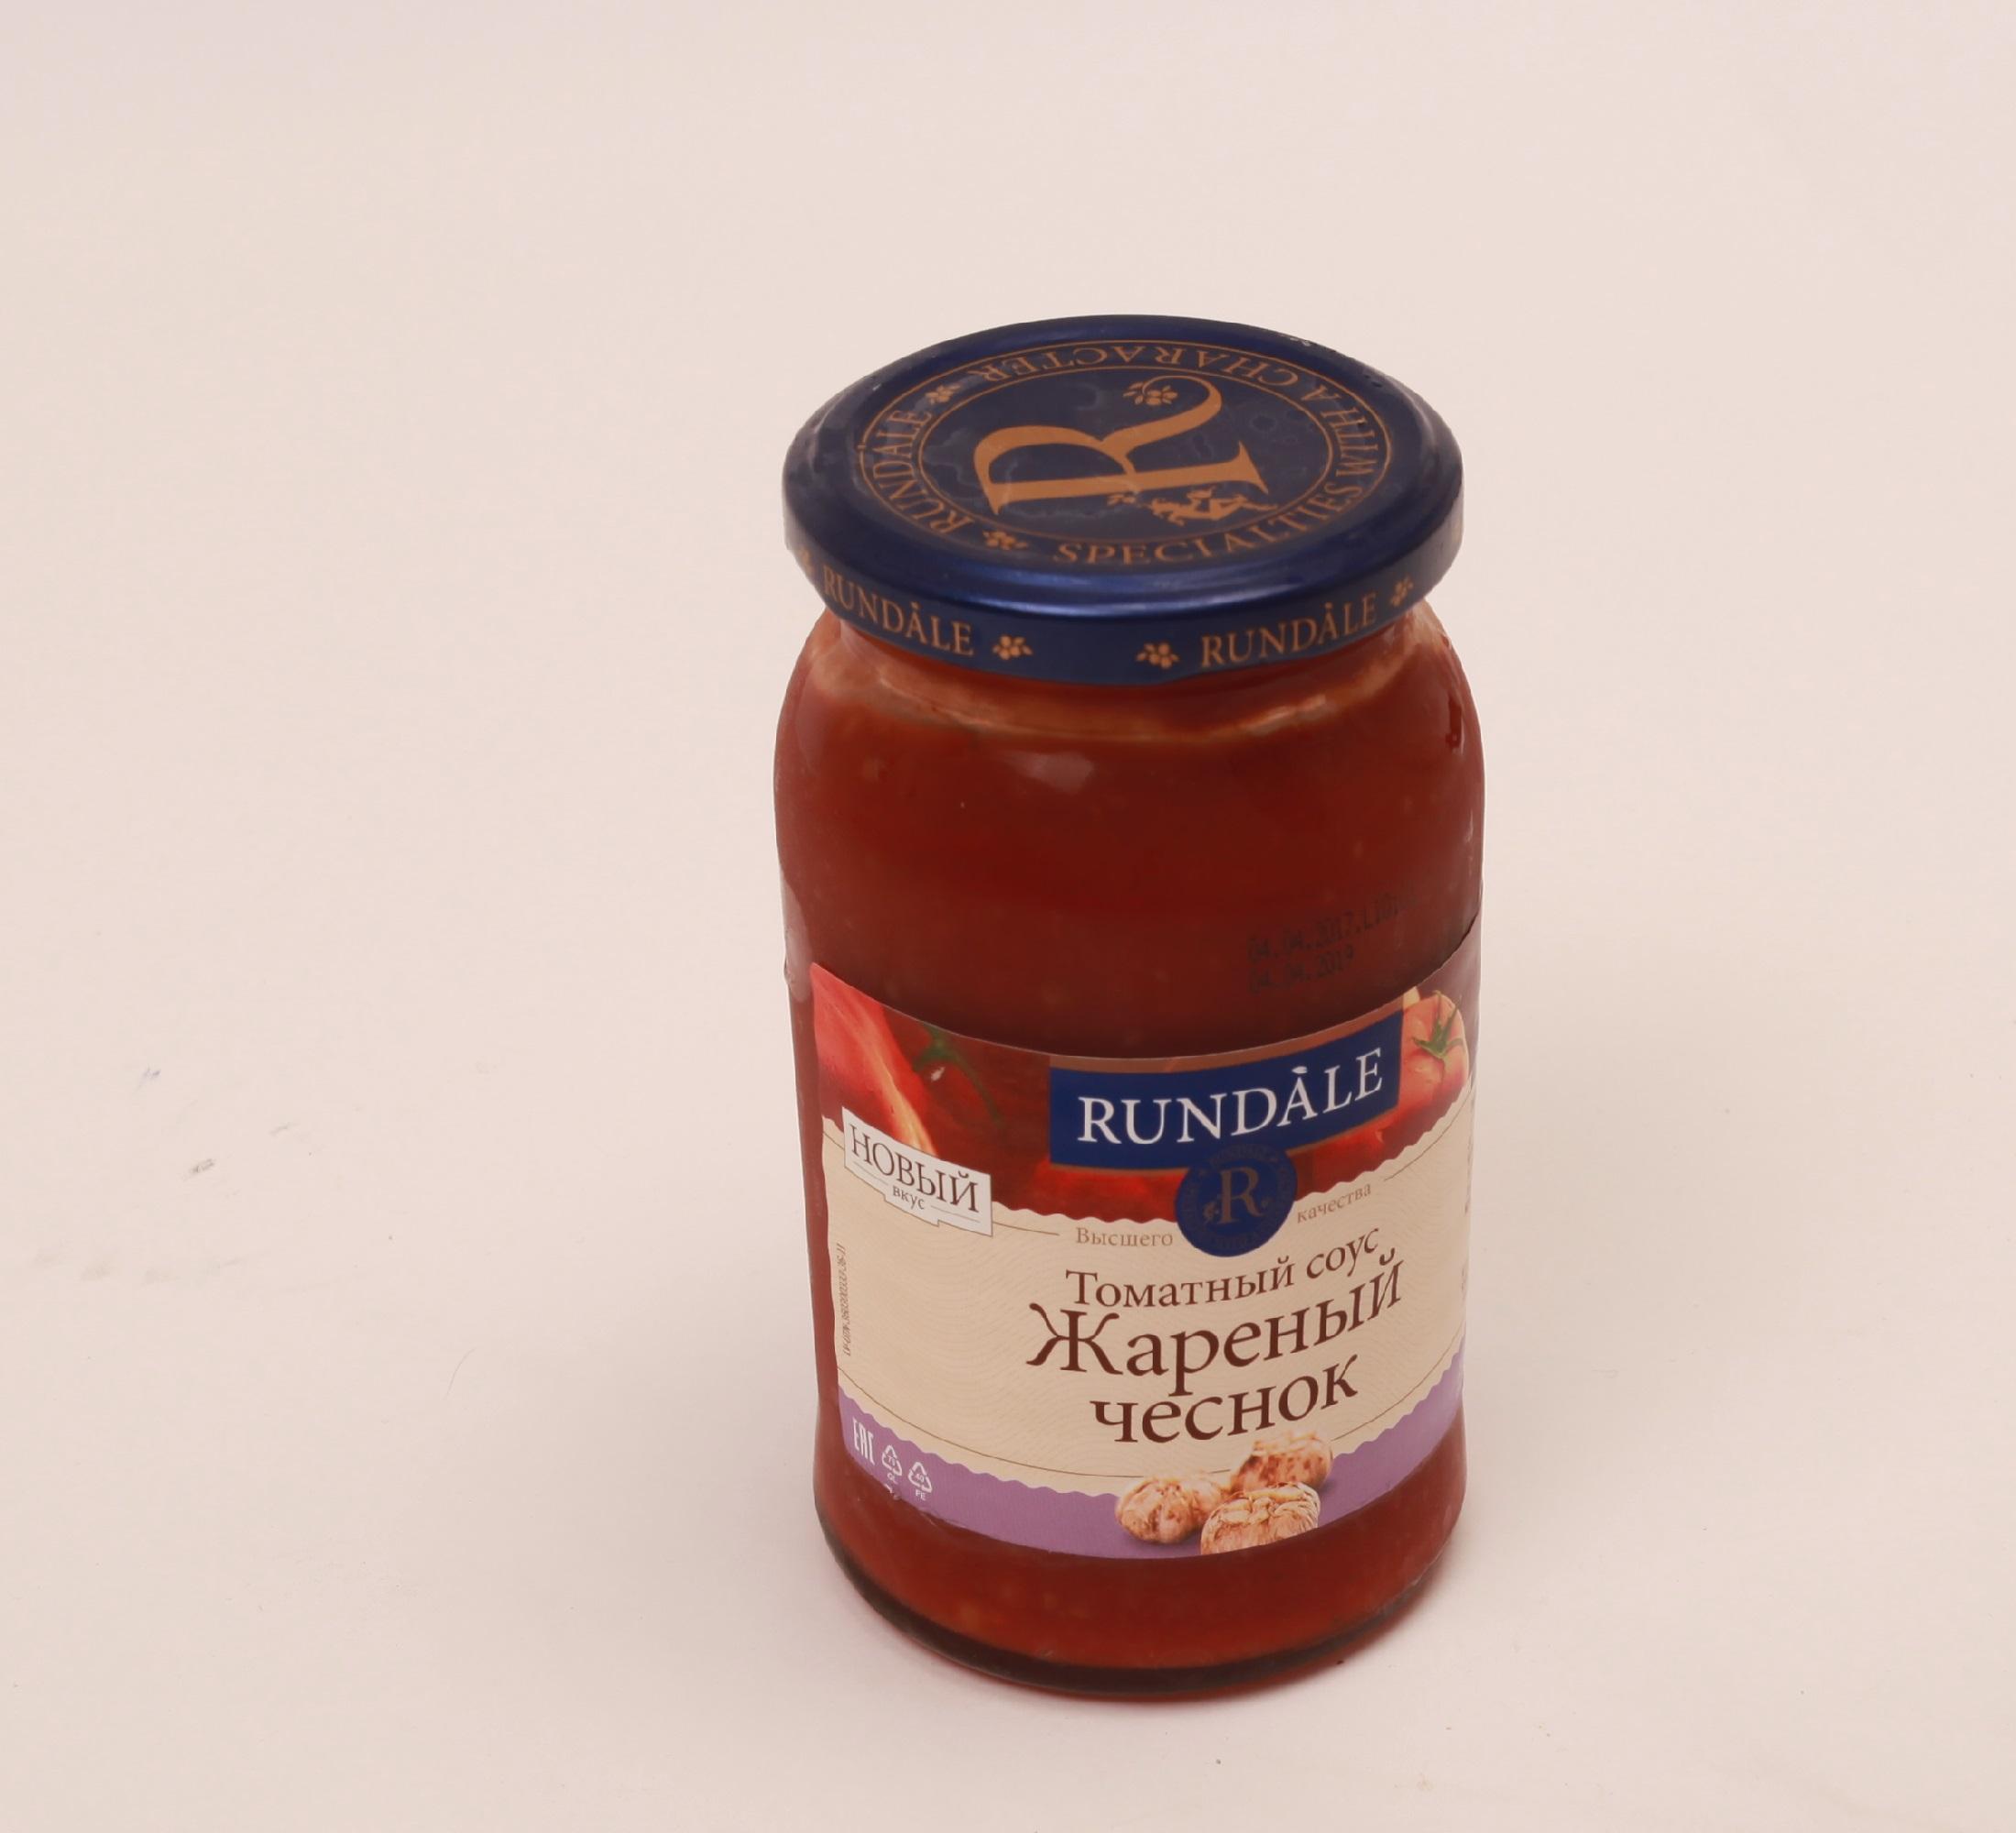 Соус томатный Жареный чеснок Rundale 400г фото